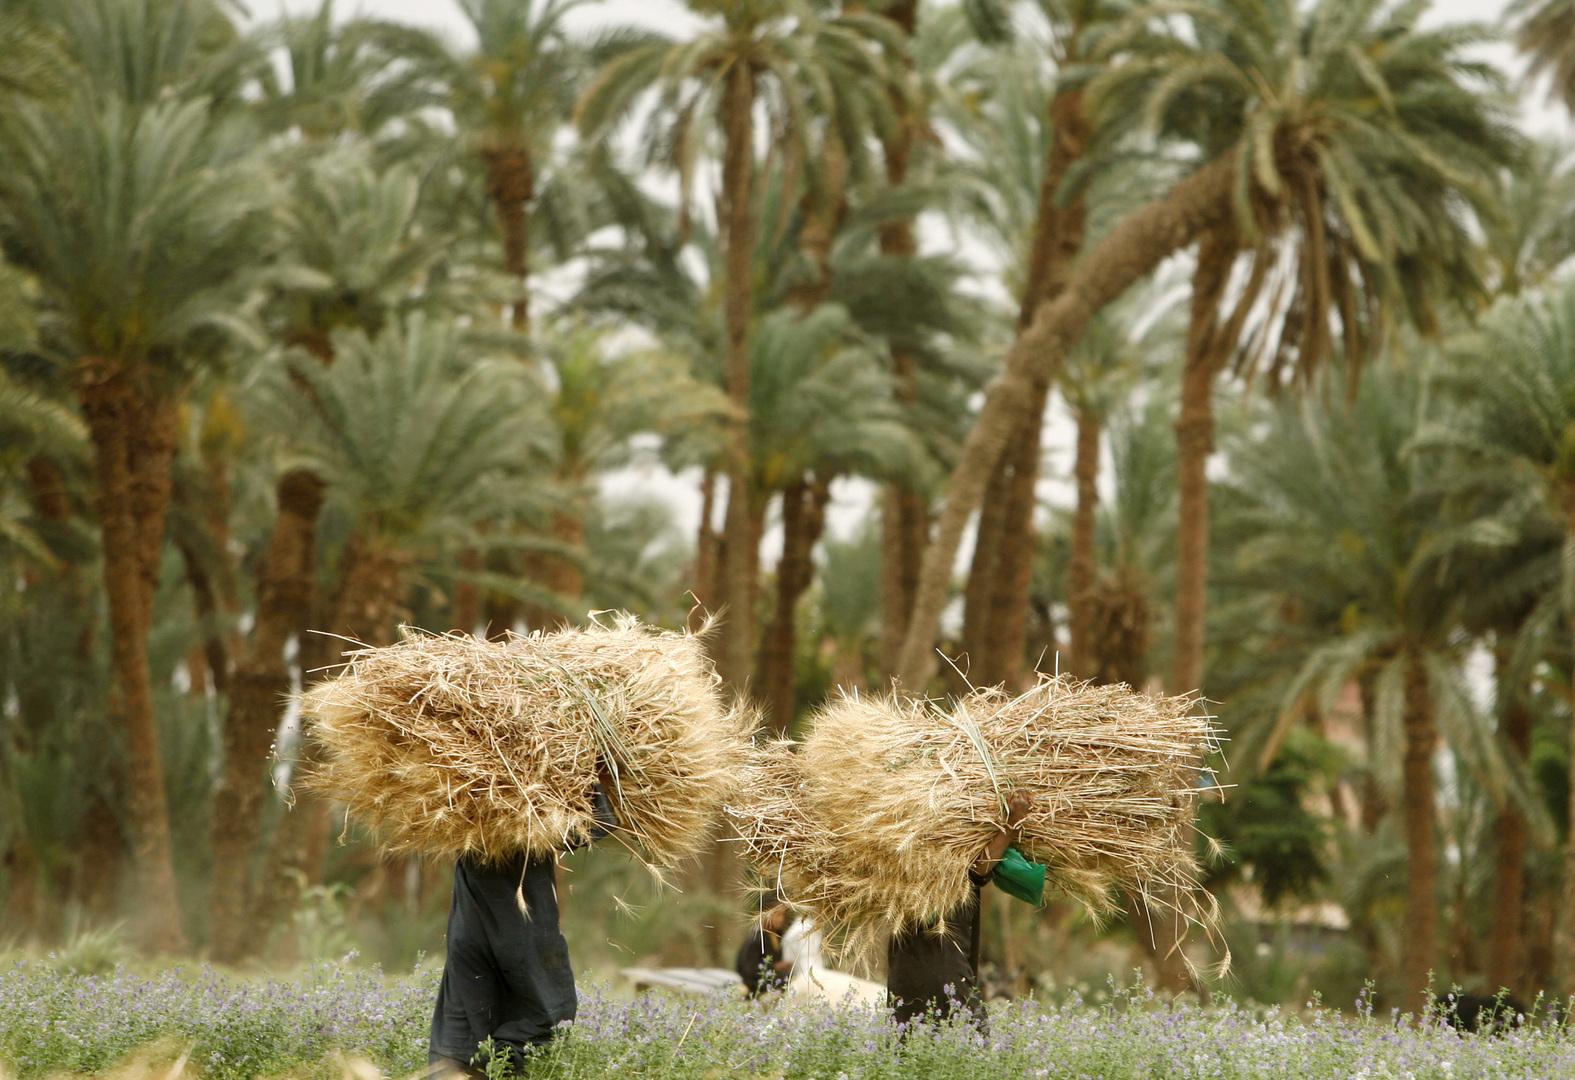 المؤسسة الدولية الإسلامية لتمويل التجارة تمد مصر بأموال إضافية لشراء القمح